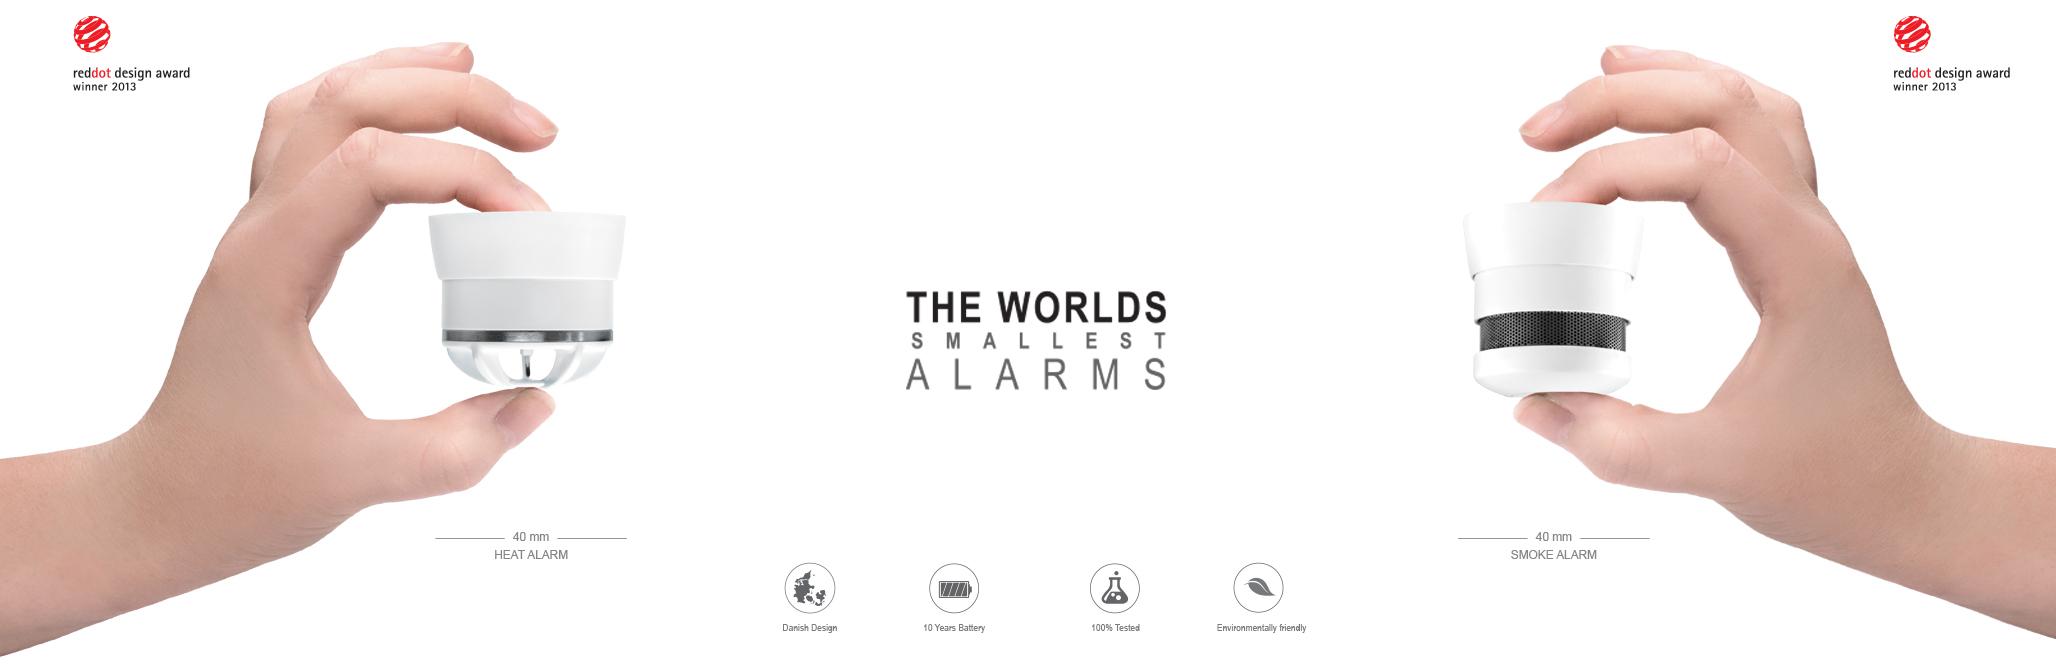 Cavius_10Y_40mm_alarms